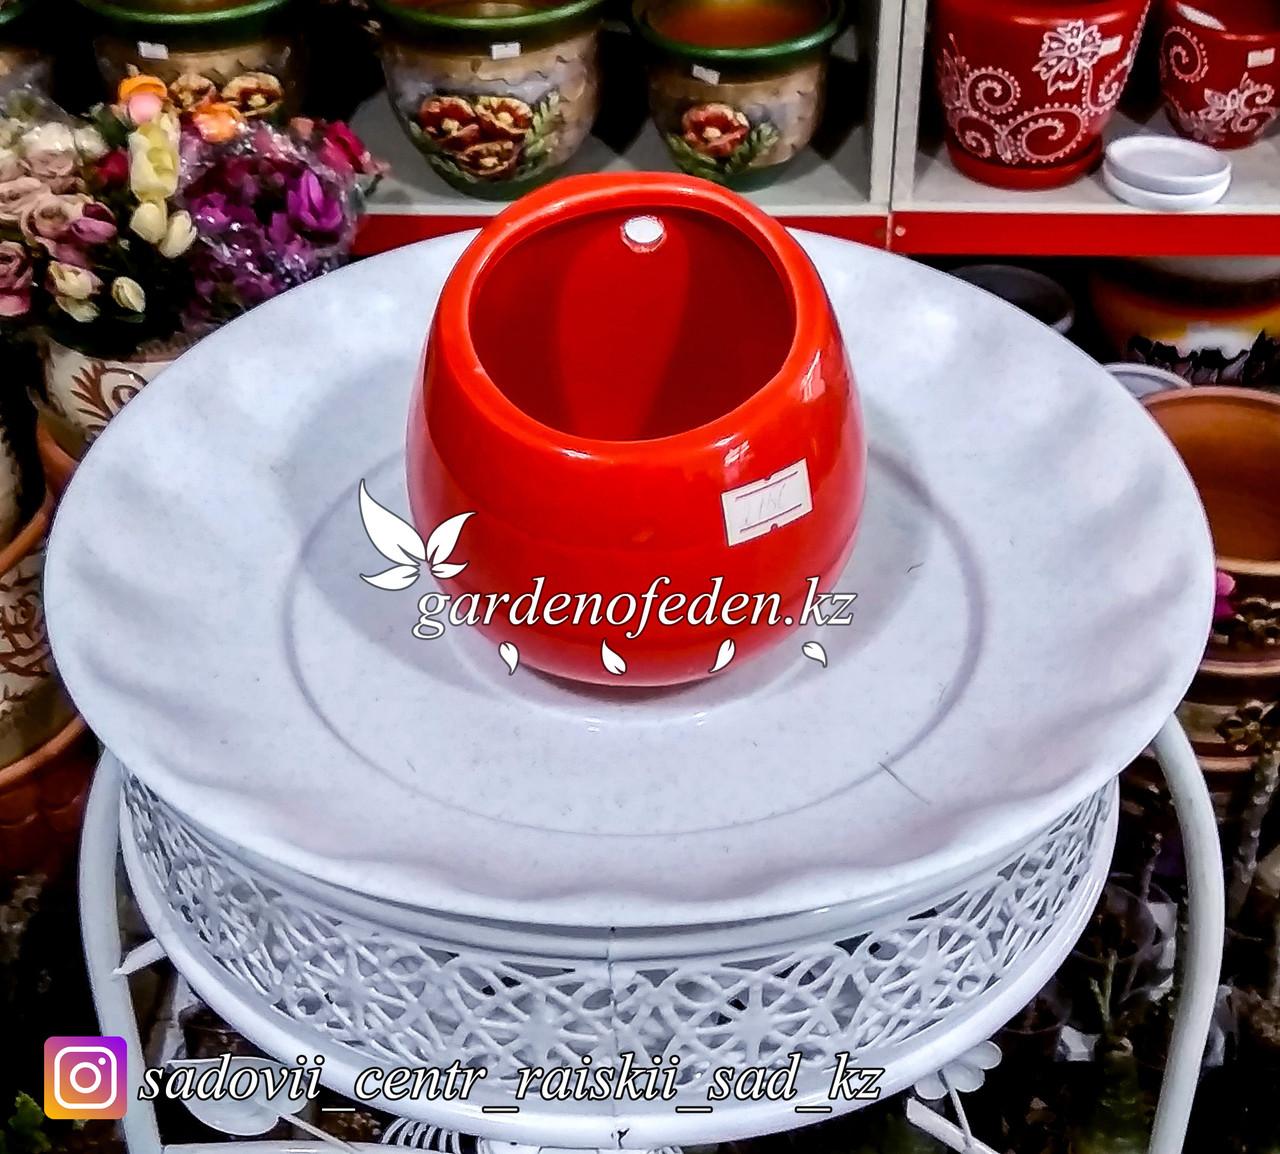 Подвесной керамический горшок. Высота 10см. Цвет: Красный.